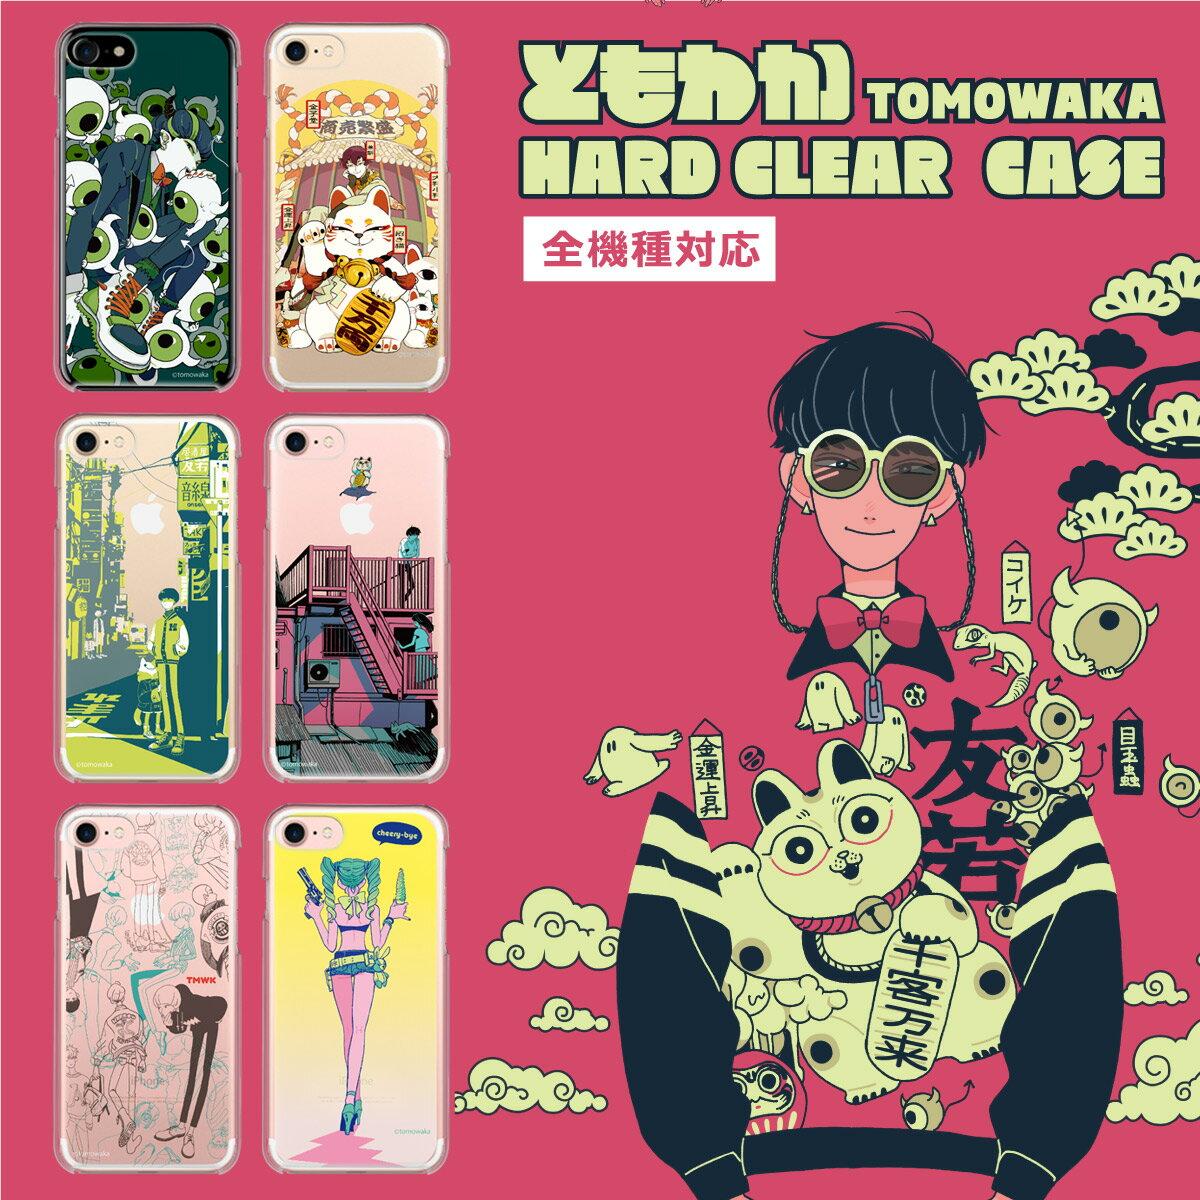 スマホケース 全機種対応 ケース カバー ハードケース クリアケース iPhoneXS Max iPhoneXR iPhoneX iPhone8 Plus iPhone7 iPhone6s iPhone6 Plus iPhone SE 5s Xperia XZ2 XZ1 XZ XZs SO-05K SO-03K aquos R2 R SH-03K galaxy S9 S8 ともわか 101-zen-ca001